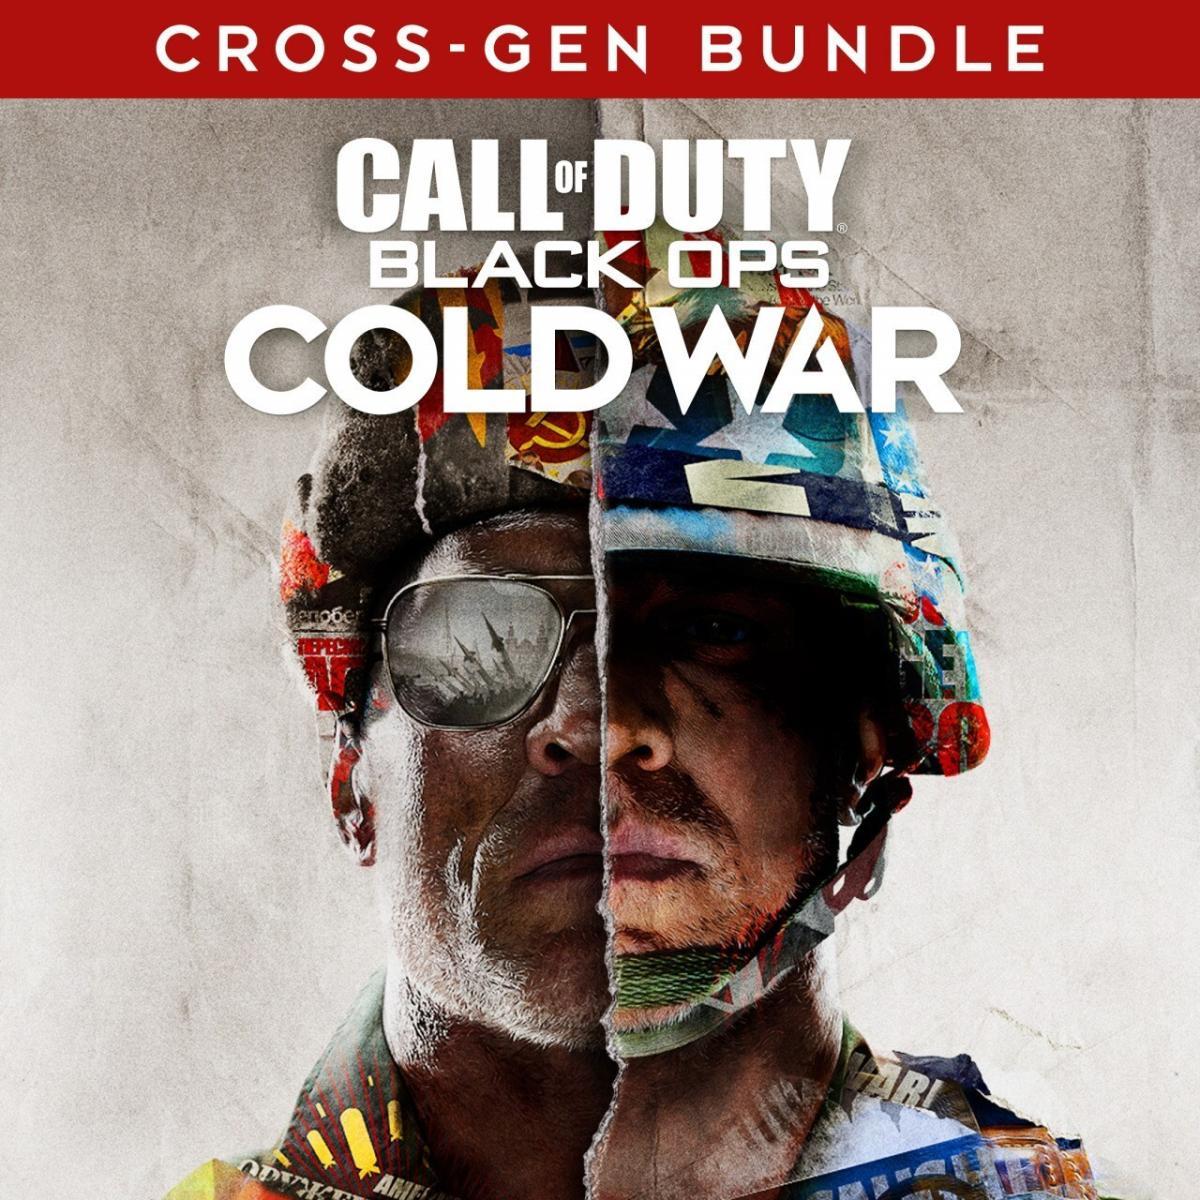 CoD:BOCW:『コール オブ デューティ ブラックオプス コールドウォー』は4つのバージョンのうちどれを買えばいい? おさらいまとめ